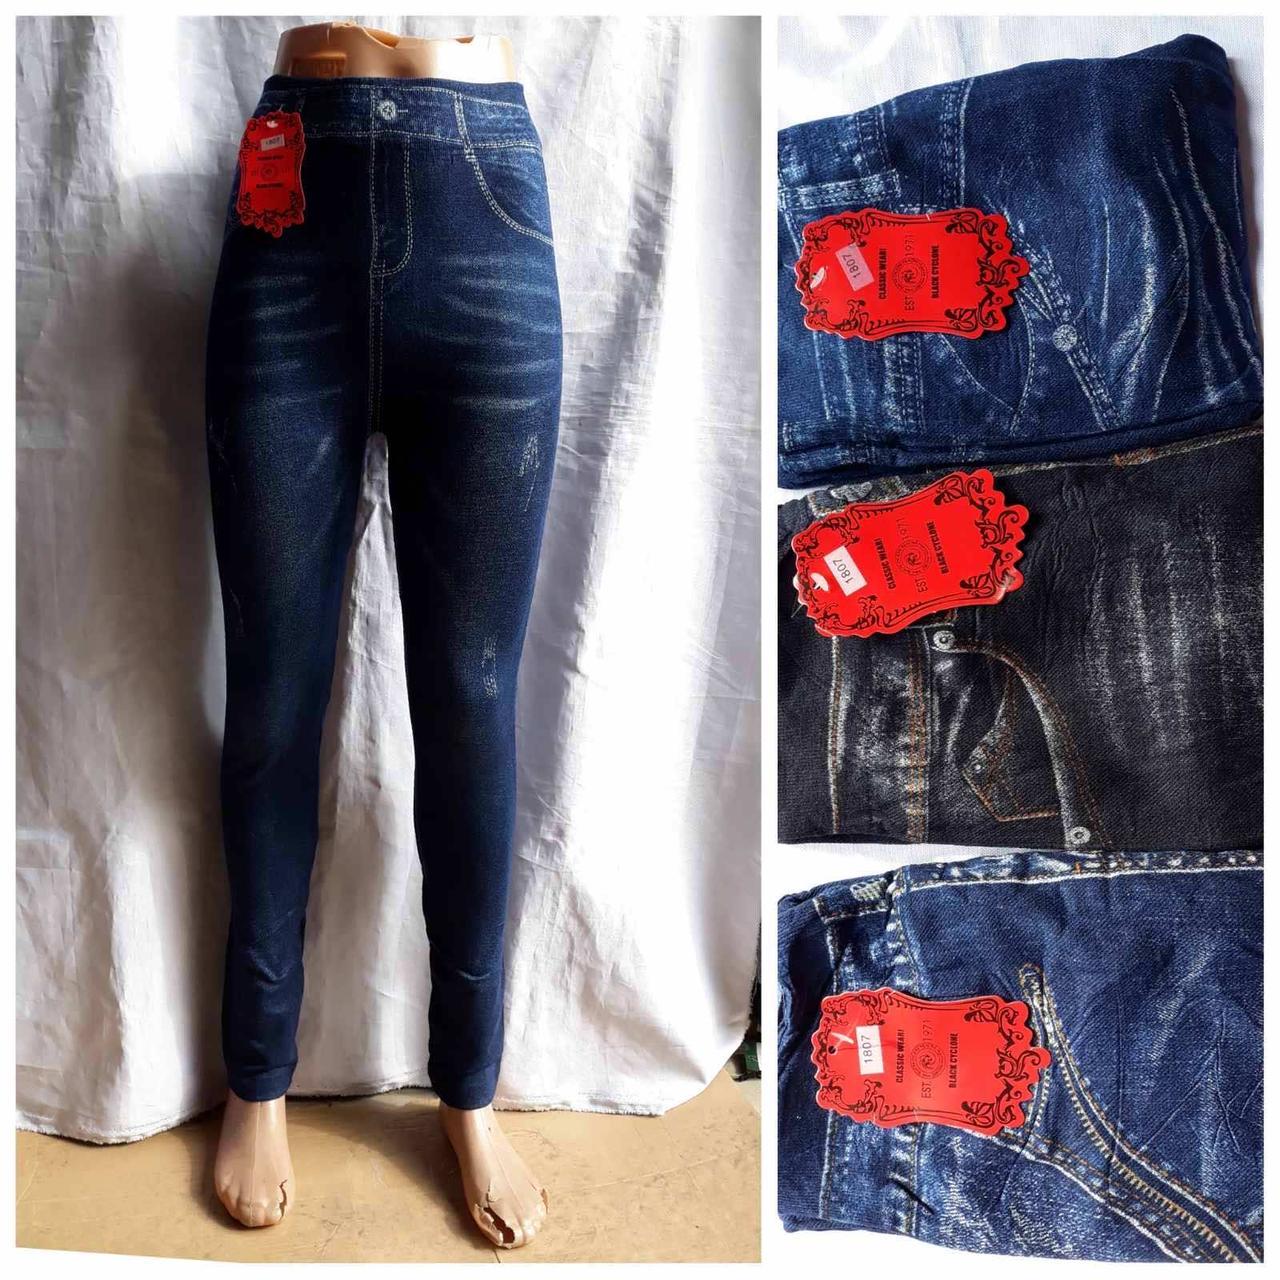 Лосіни жіночі під джинс. Відмінна якість!!! Топ продажу!!!